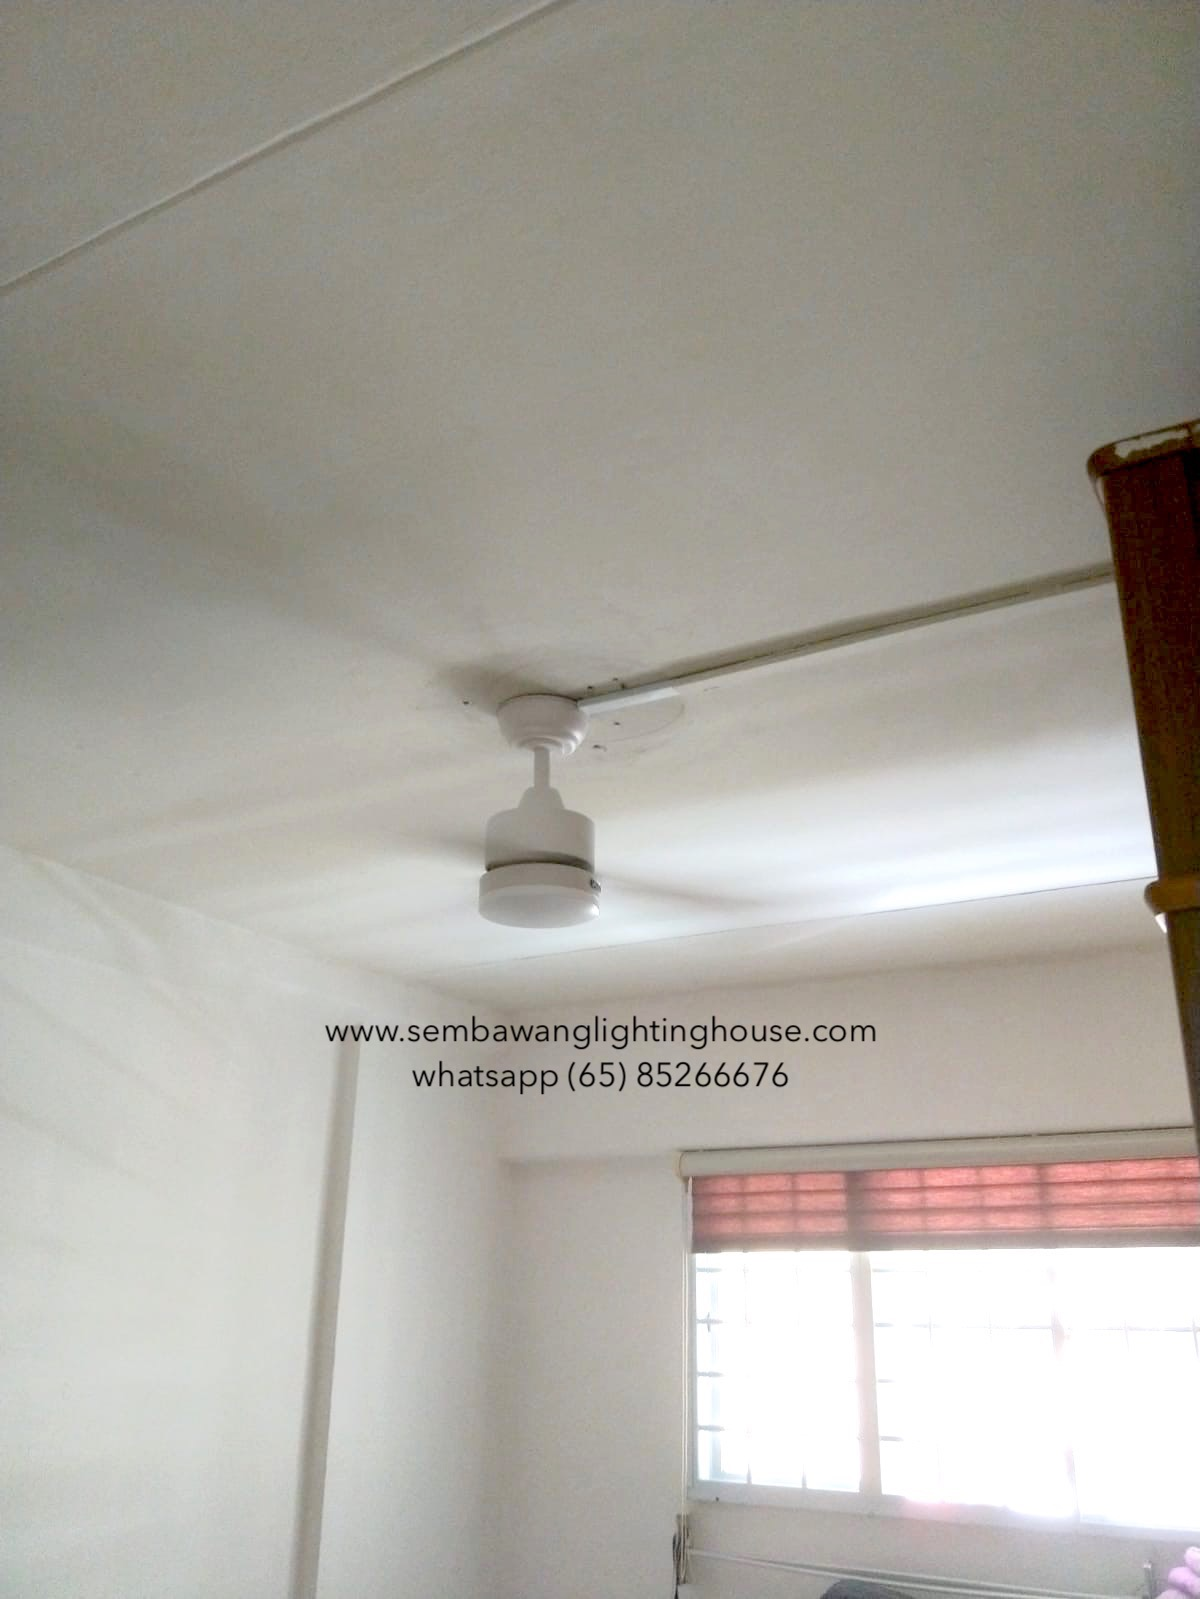 bestar-razor-white-ceiling-fan-sembawang-lighting-house-05.jpg